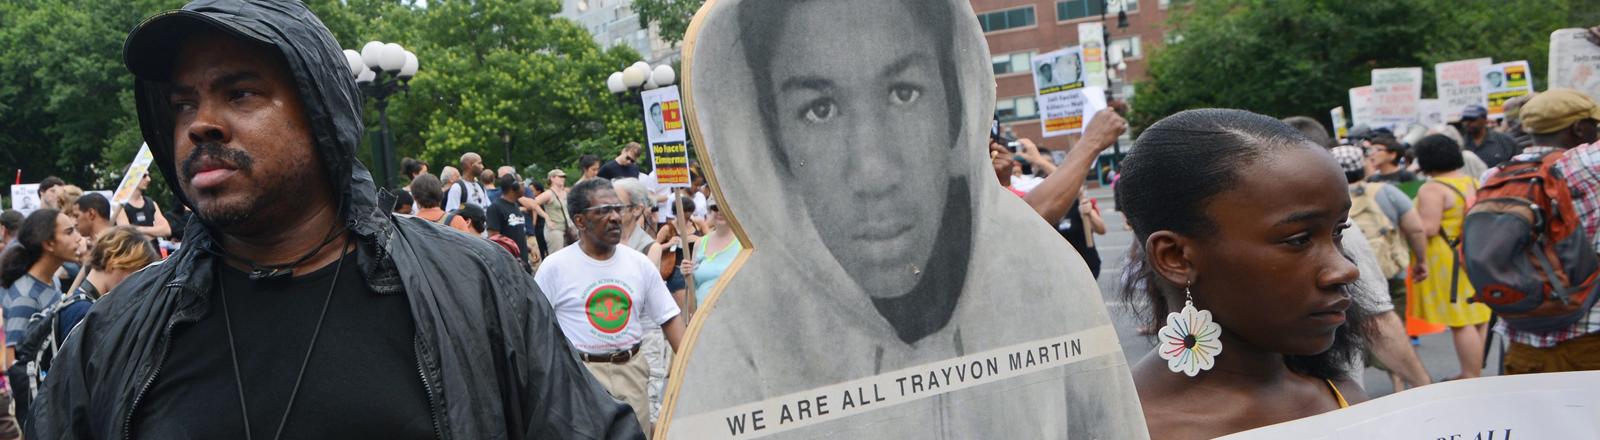 Ein Mann hält eine Pappfigur von Trayvon Martin vor sich.